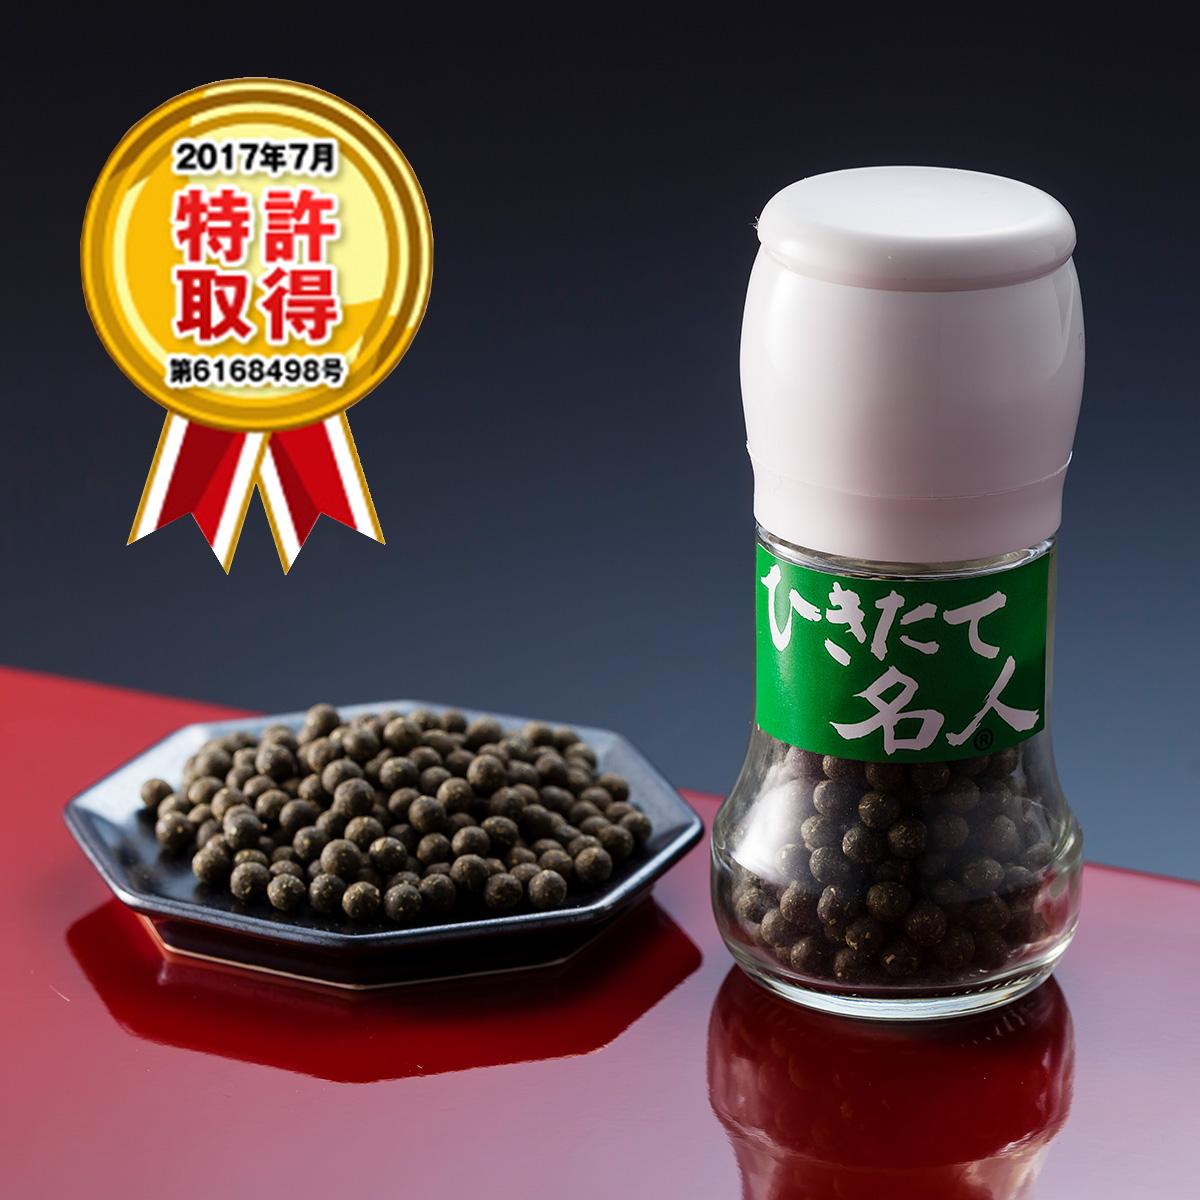 ひきたて名人山椒セット  特許取得(第6168498) 有限会社ヤマサン 滋賀県 自社農園栽培のこだわりの山椒をペッパーボールにしました。